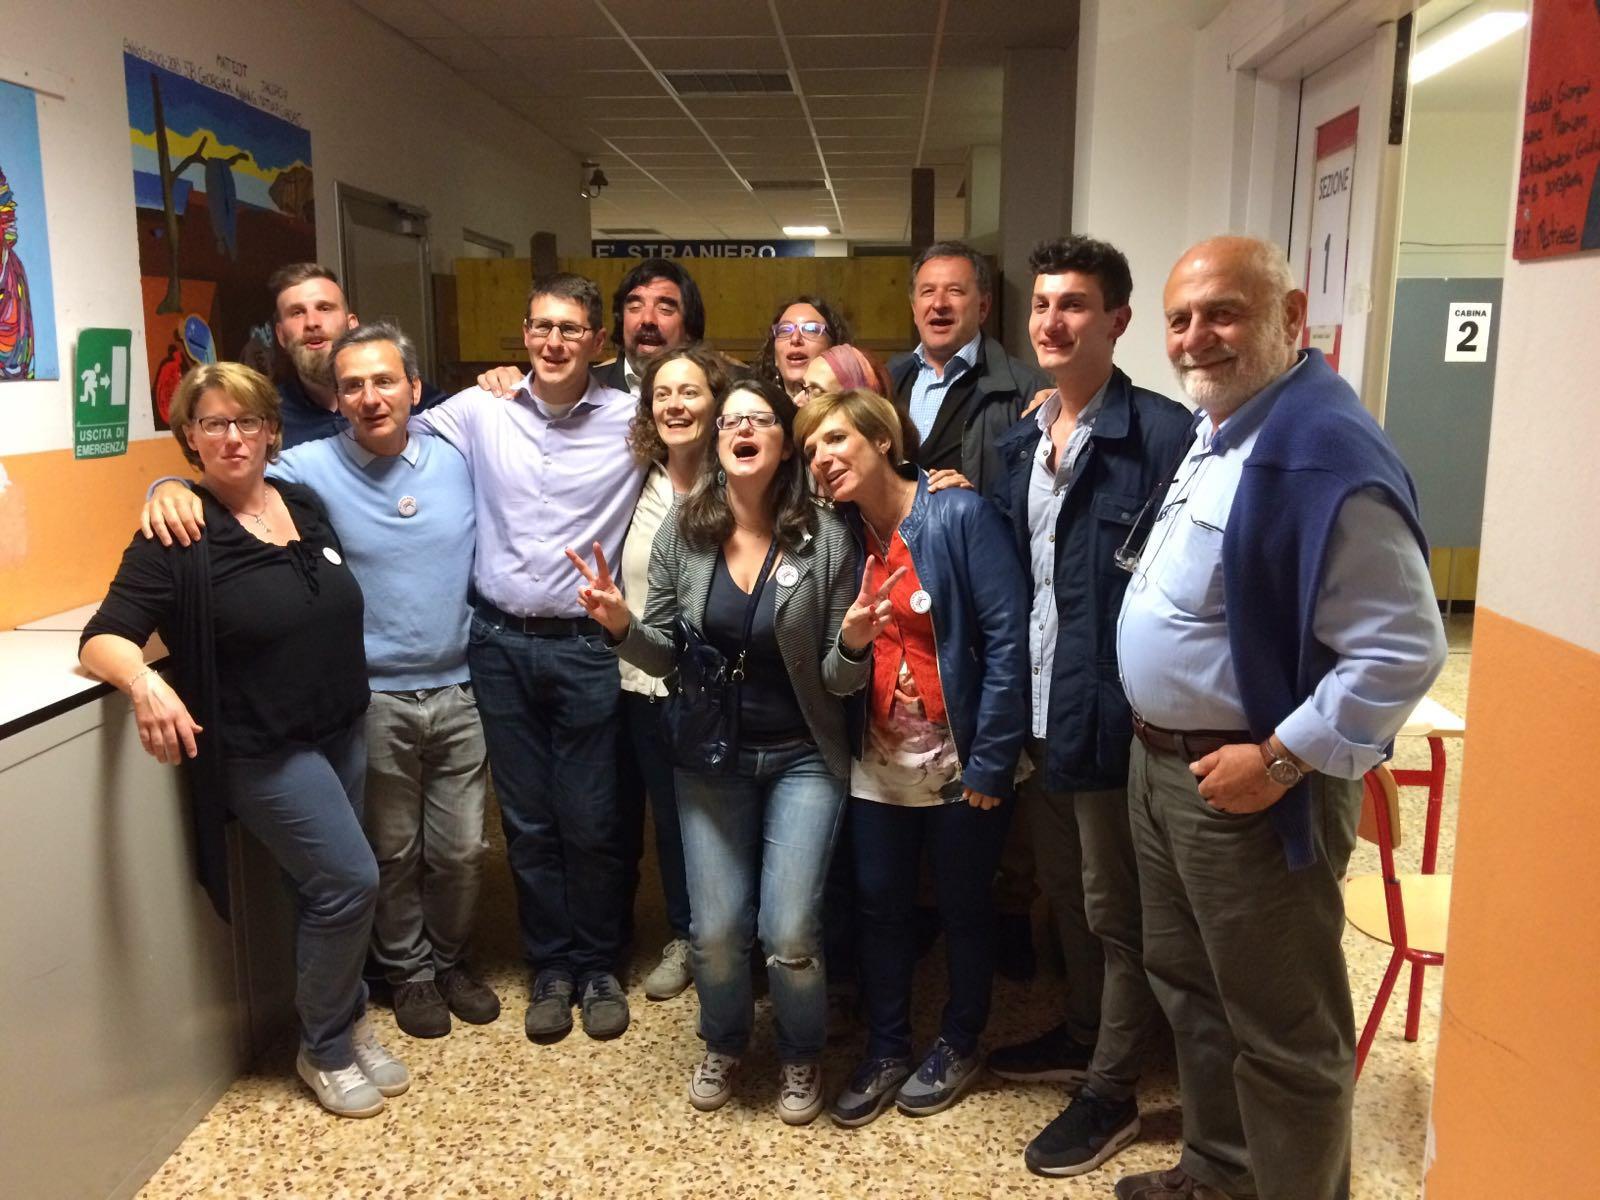 festeggiamenti marco passoni olginate | Lecco News Notizie dell'ultima ora  di Lecco, lago di Como, Resegone, Valsassina, Brianza. Eventi, traffico